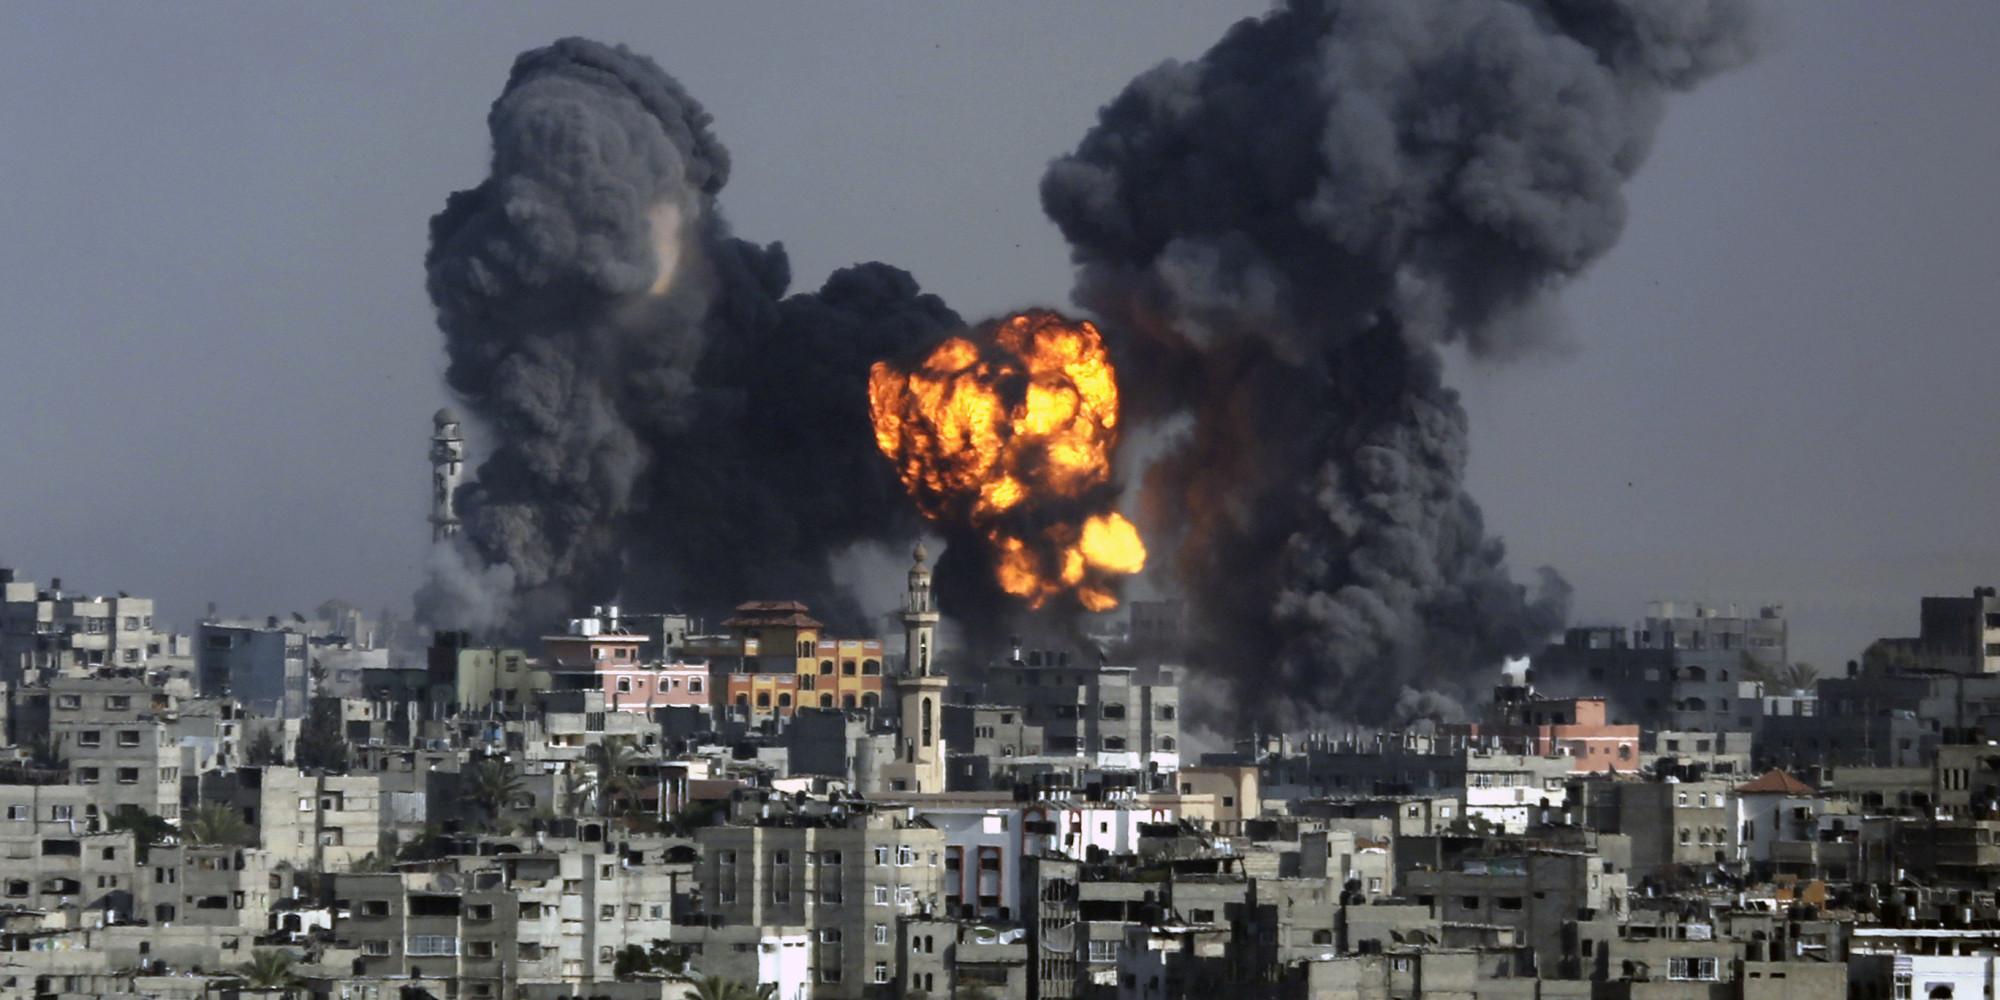 Fumo e fuoco si solleva dall'esplosione durante un attacco israeliano su Gaza City, martedì 22 luglio 2014 (AP Photo / Hatem Moussa)